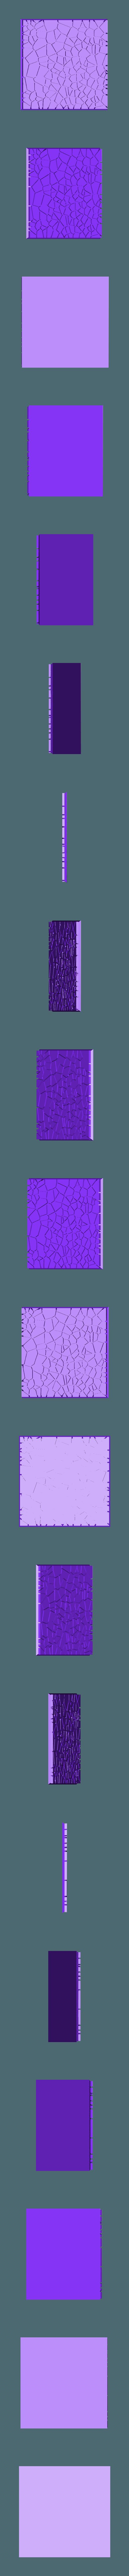 Cracked_Paving__80mm_square_5.stl Télécharger fichier STL gratuit Dallage fissuré / Bases carrées à effet de lave pour la saga Dungeon, Kingd of war, Warhammer fantasy battle etc • Objet imprimable en 3D, redstarkits